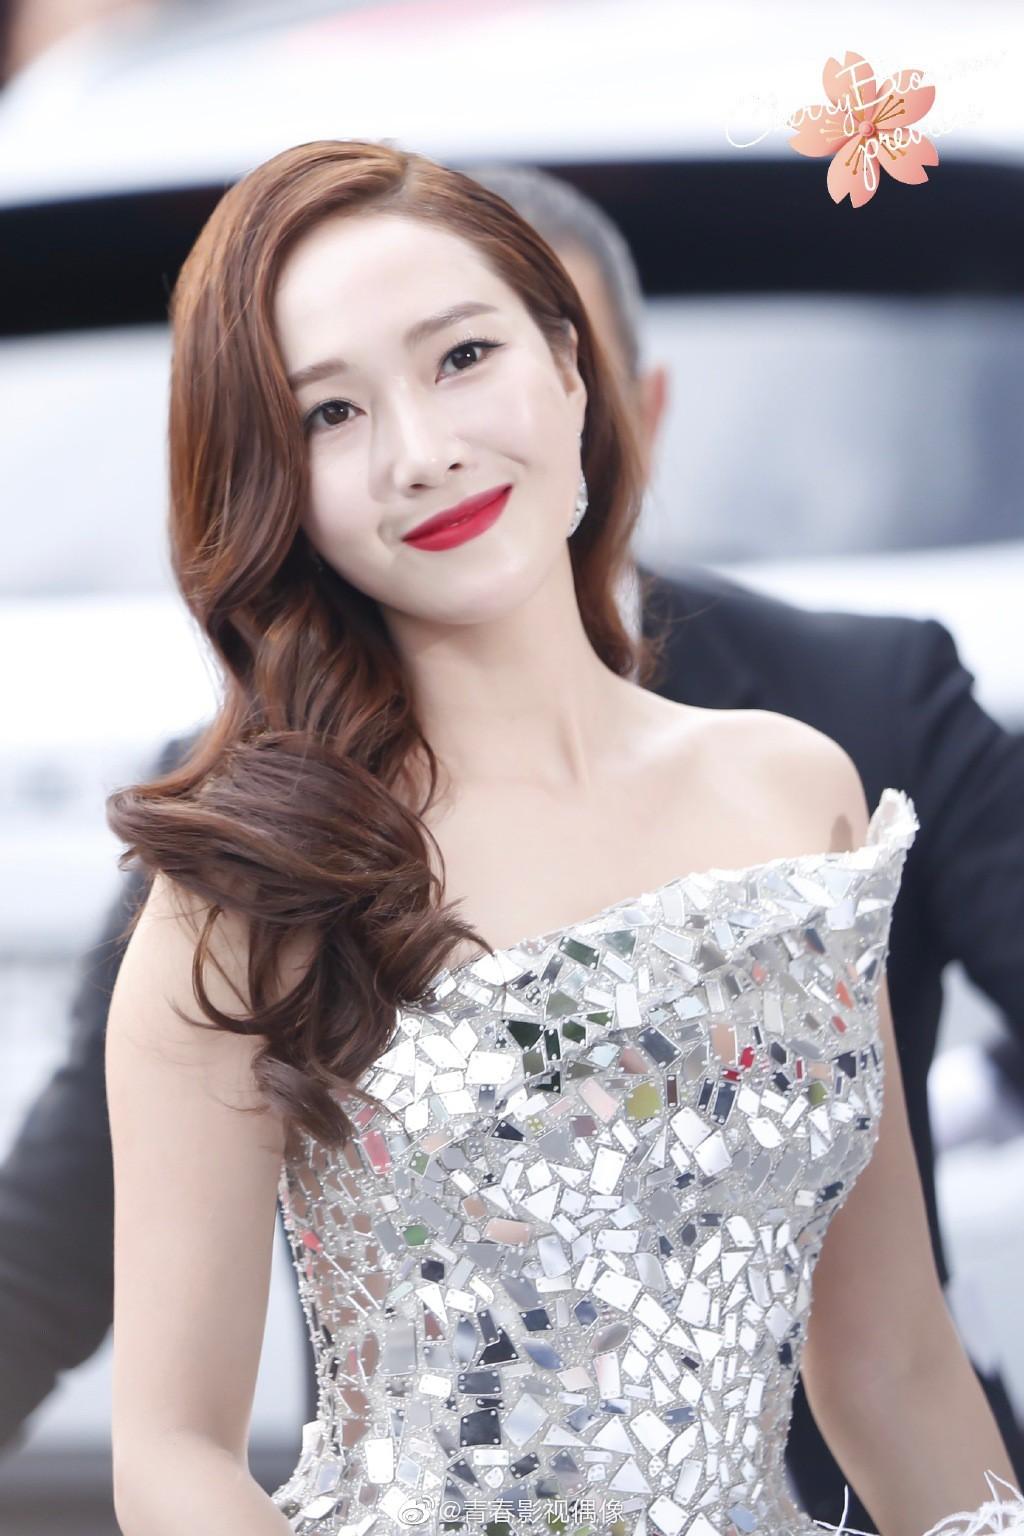 Màn xuất hiện gây mê, siêu sang chảnh không khác gì công chúa của Jessica Jung tại LHP Cannes - Ảnh 1.